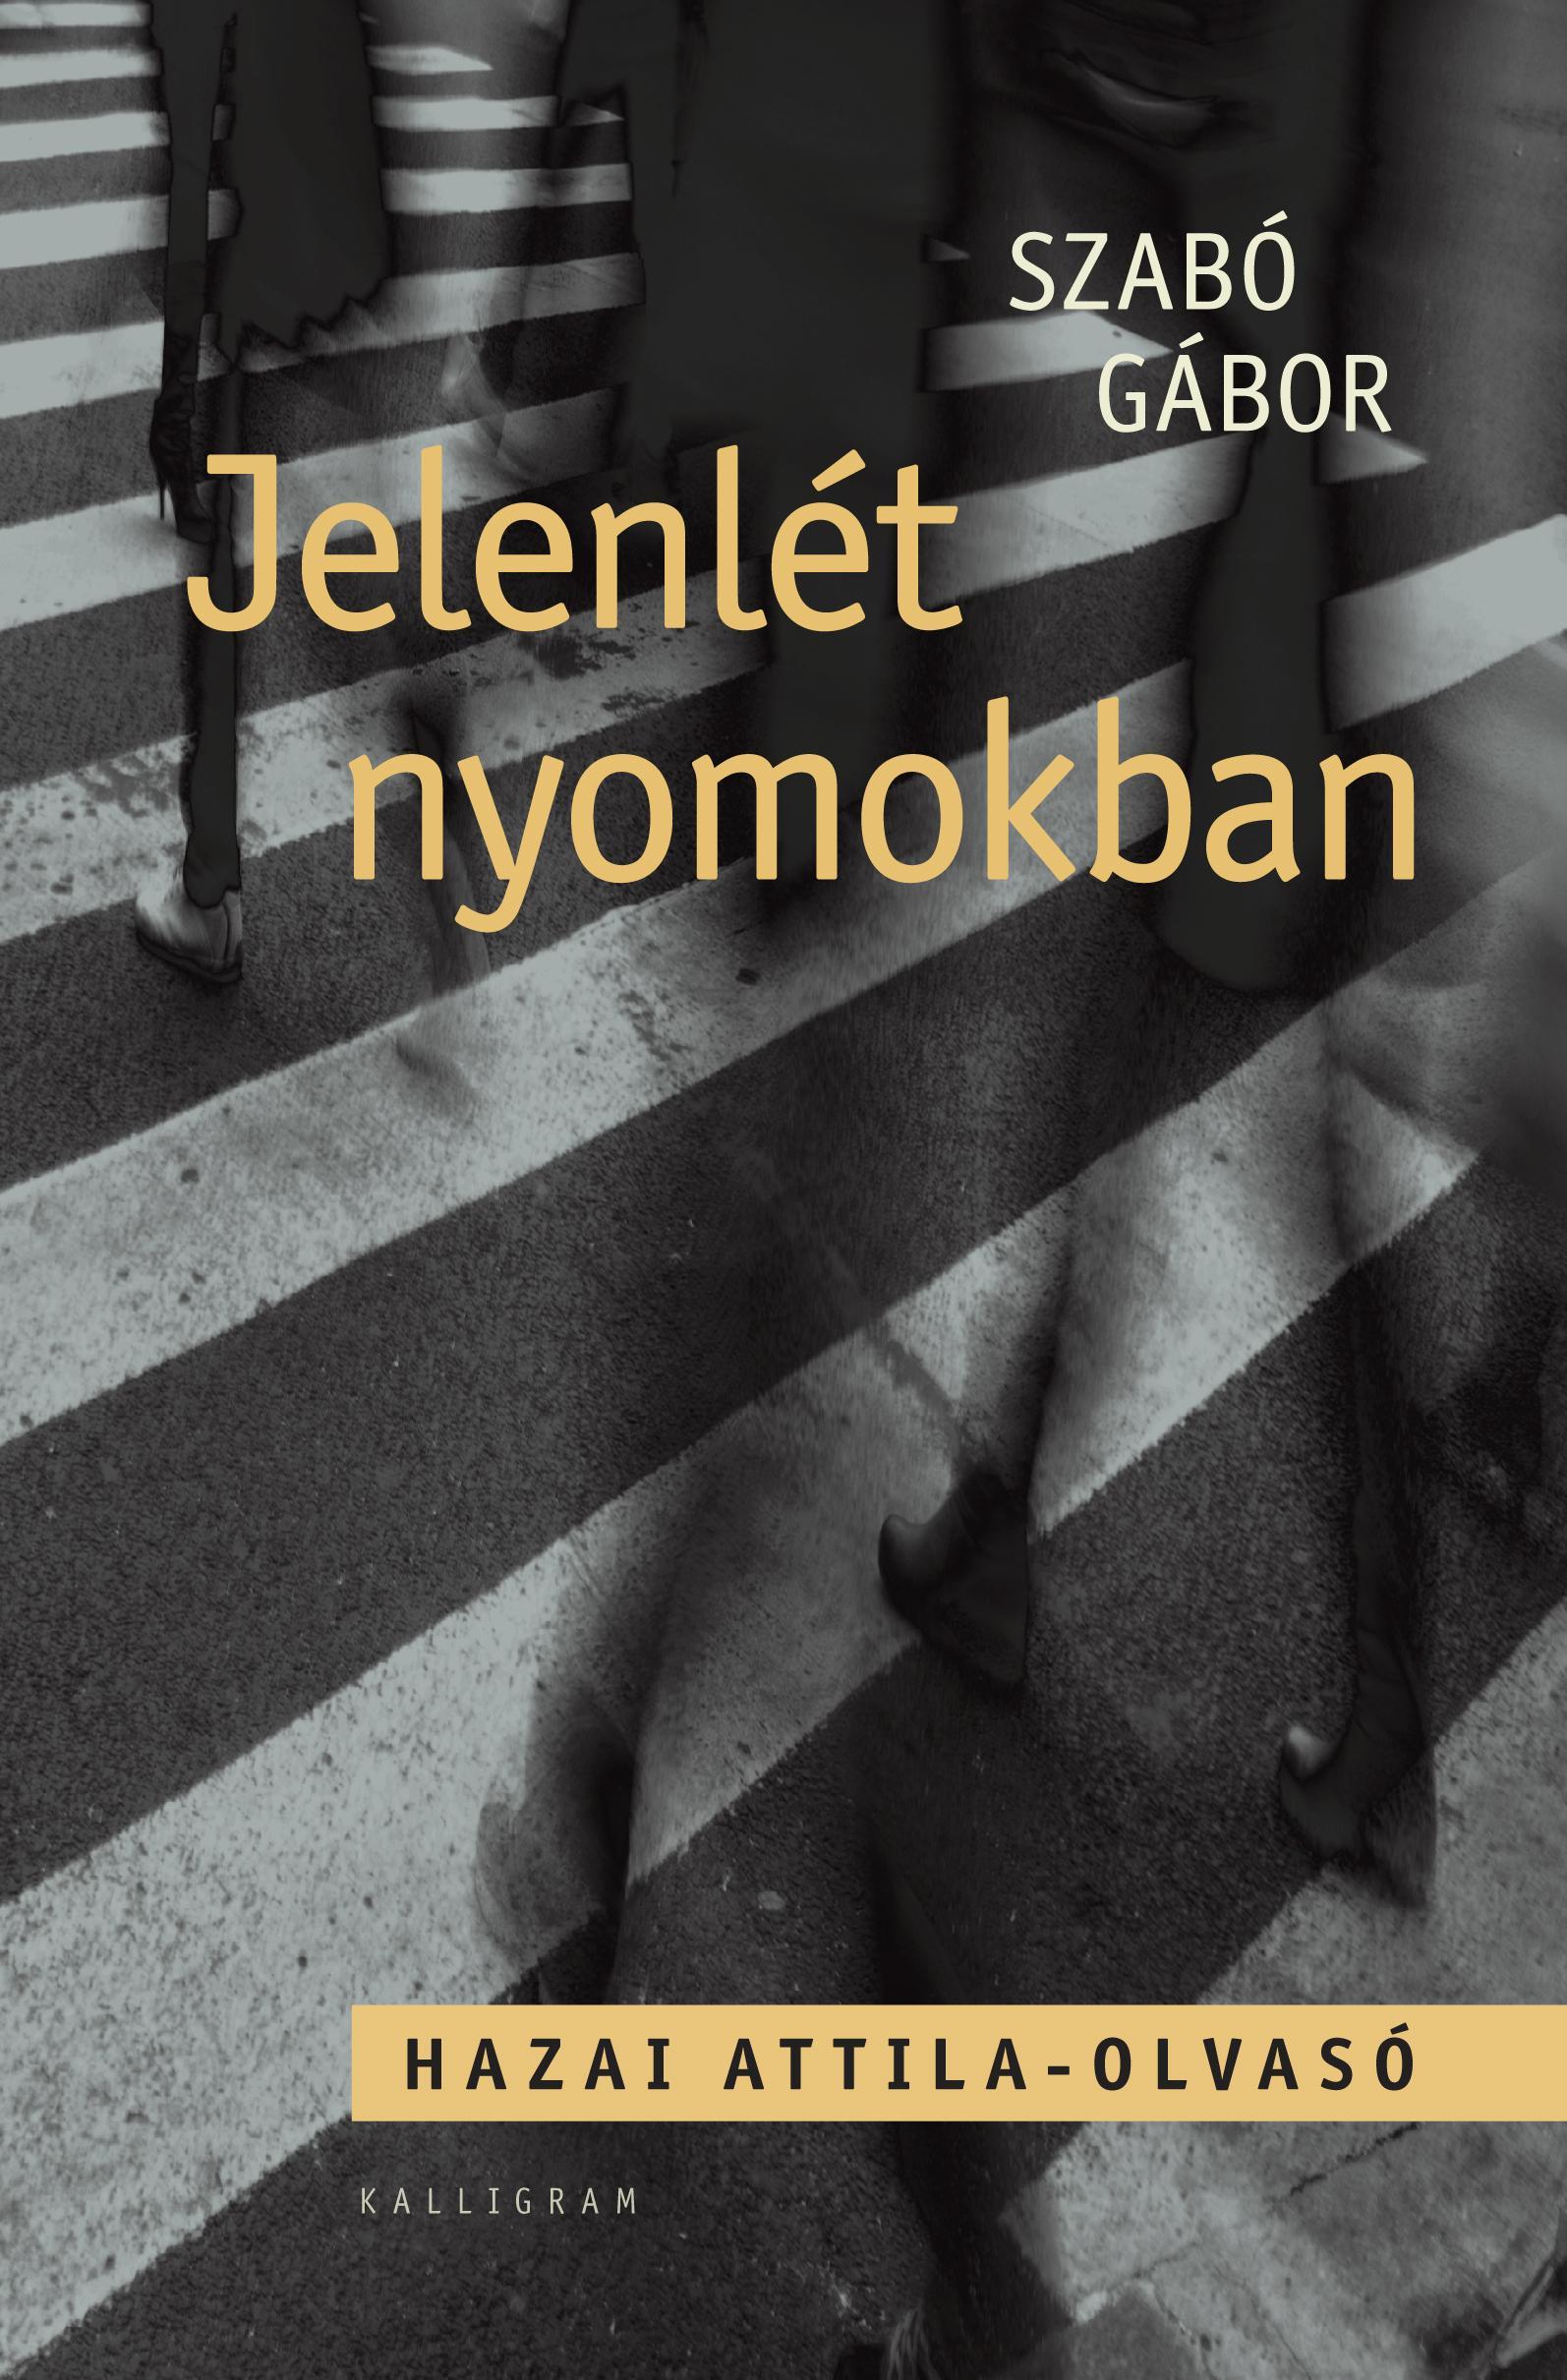 JELENLÉT NYOMOKBAN - HAZAI ATTILA-OLVASÓ